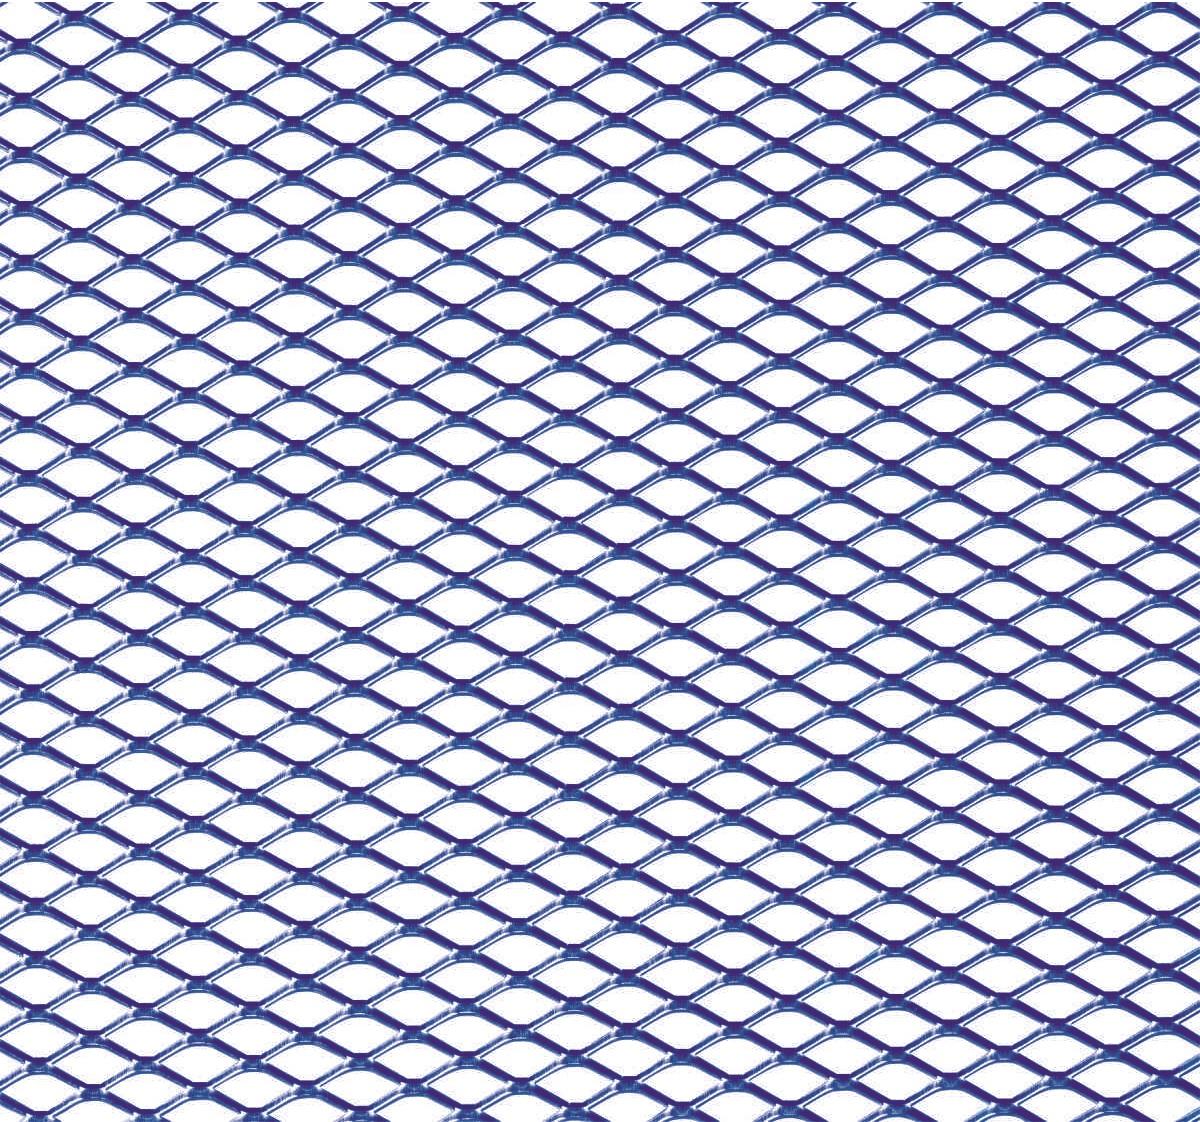 Hliníková mřížka (Tahokov) rozměr 1000x250 mm, AL 08 modrý MO